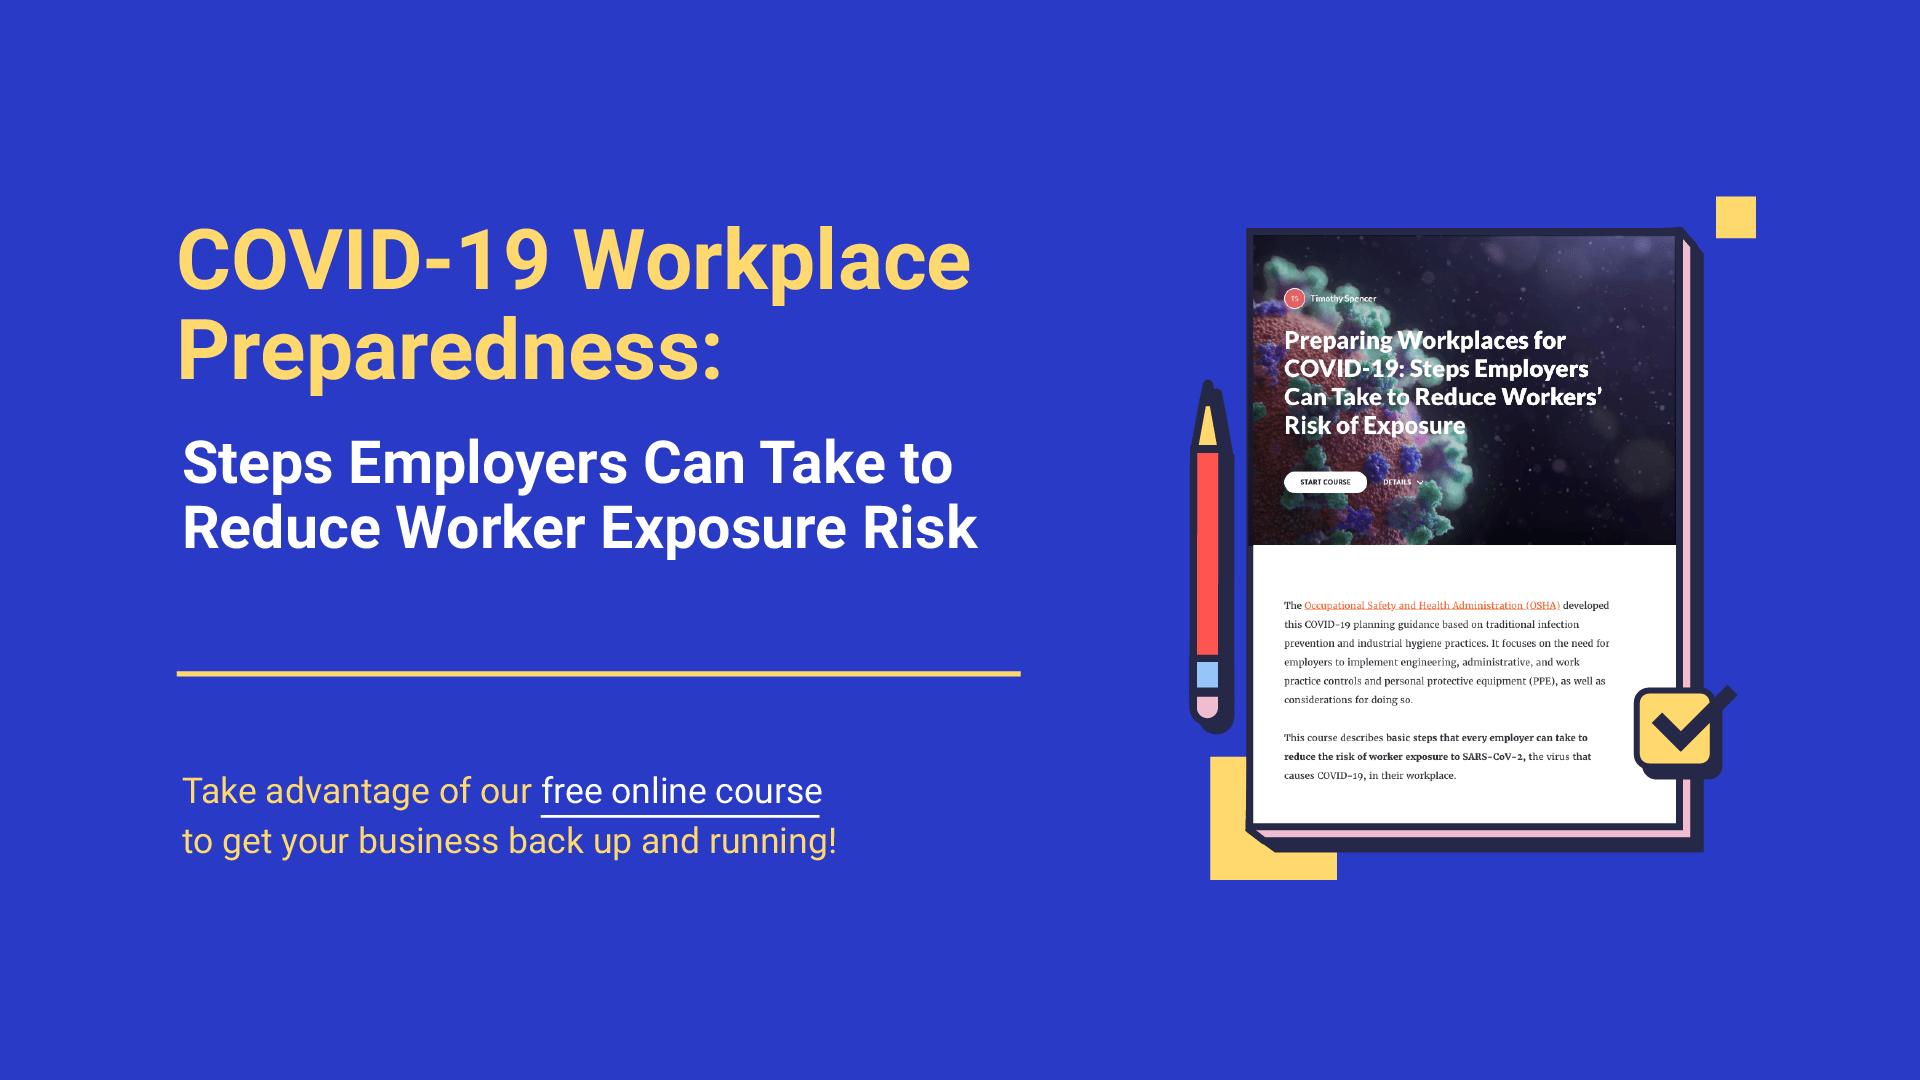 COVID-19 Workplace Preparedness Course